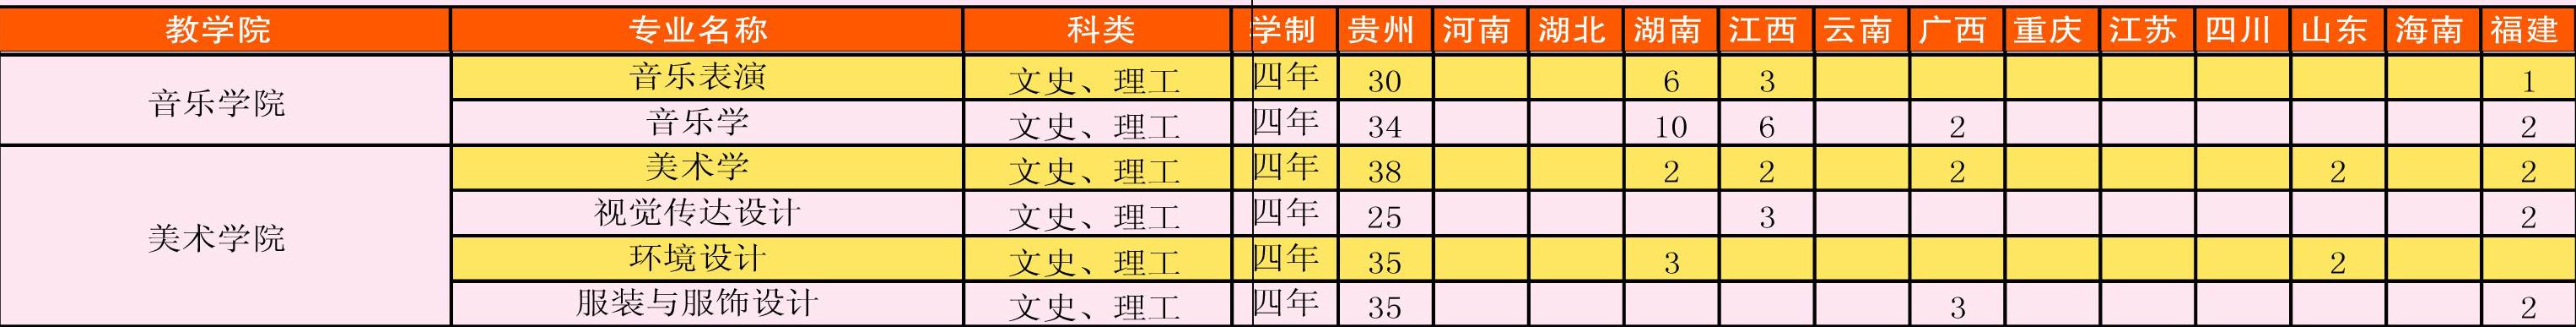 贵阳学院2014年艺术类分省分专业招生计划